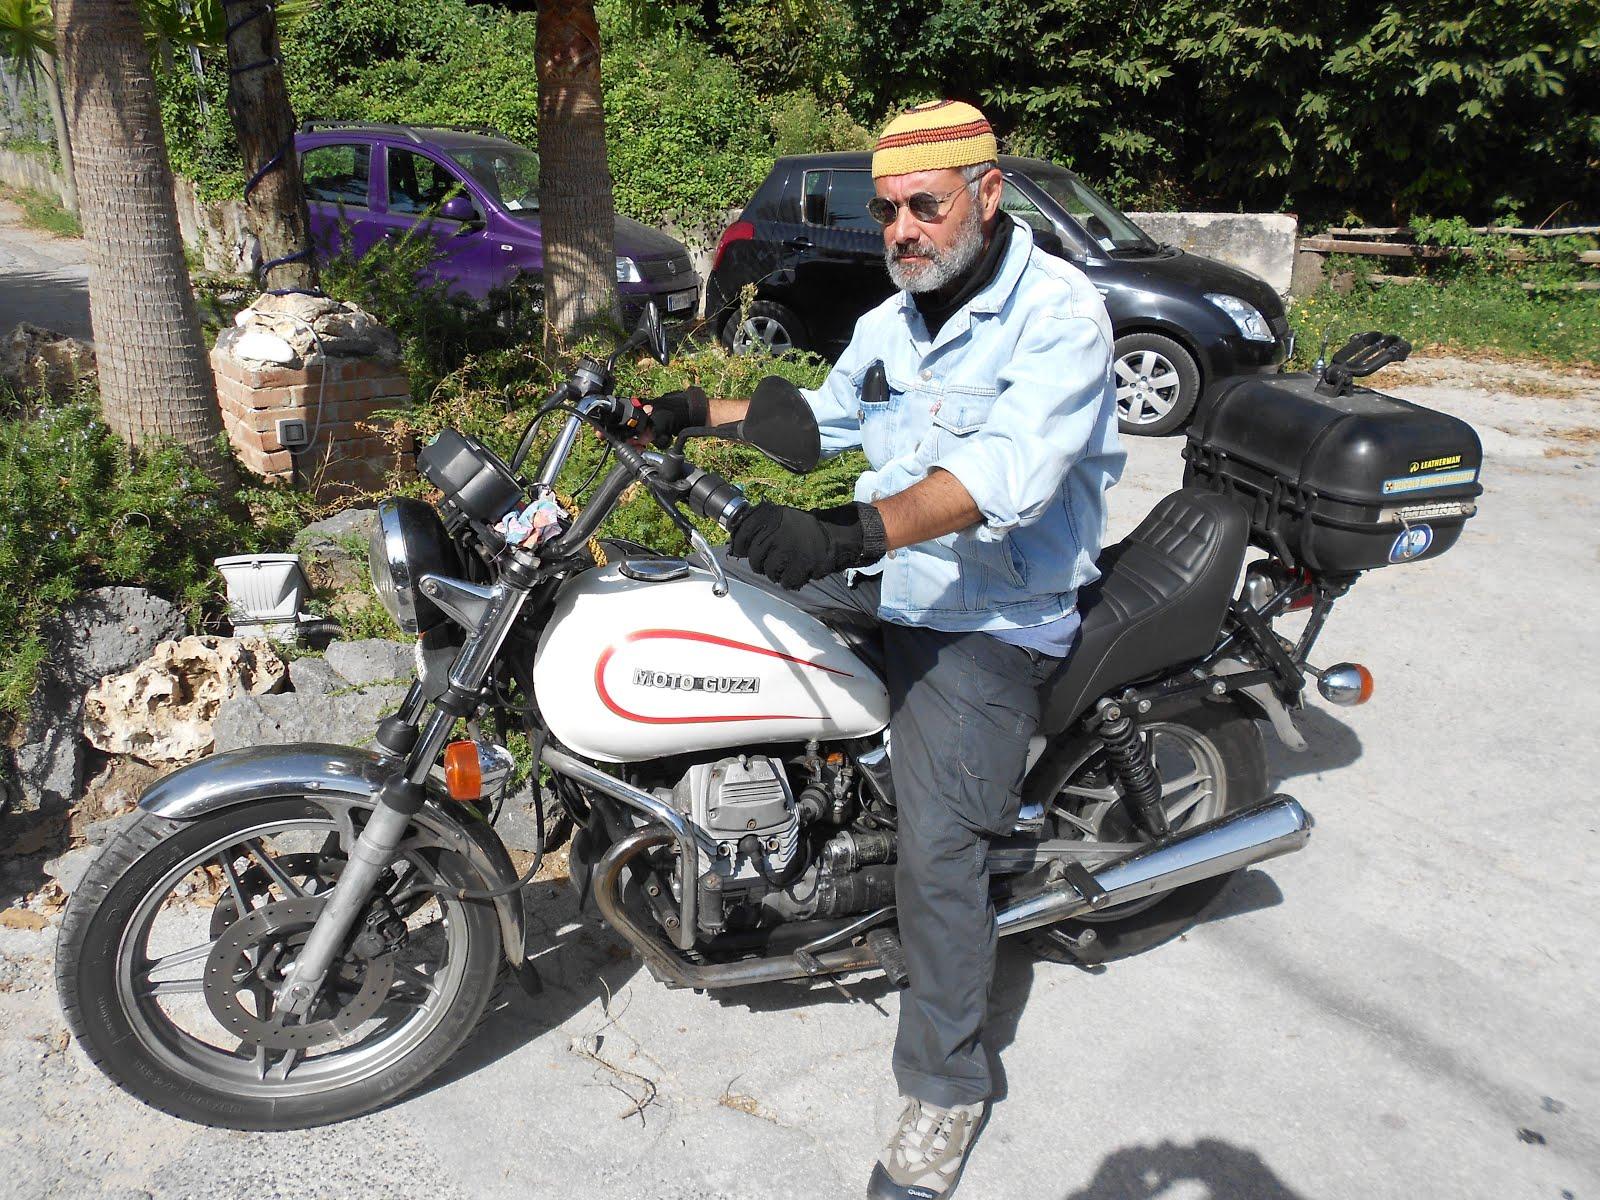 In Moto Guzzi